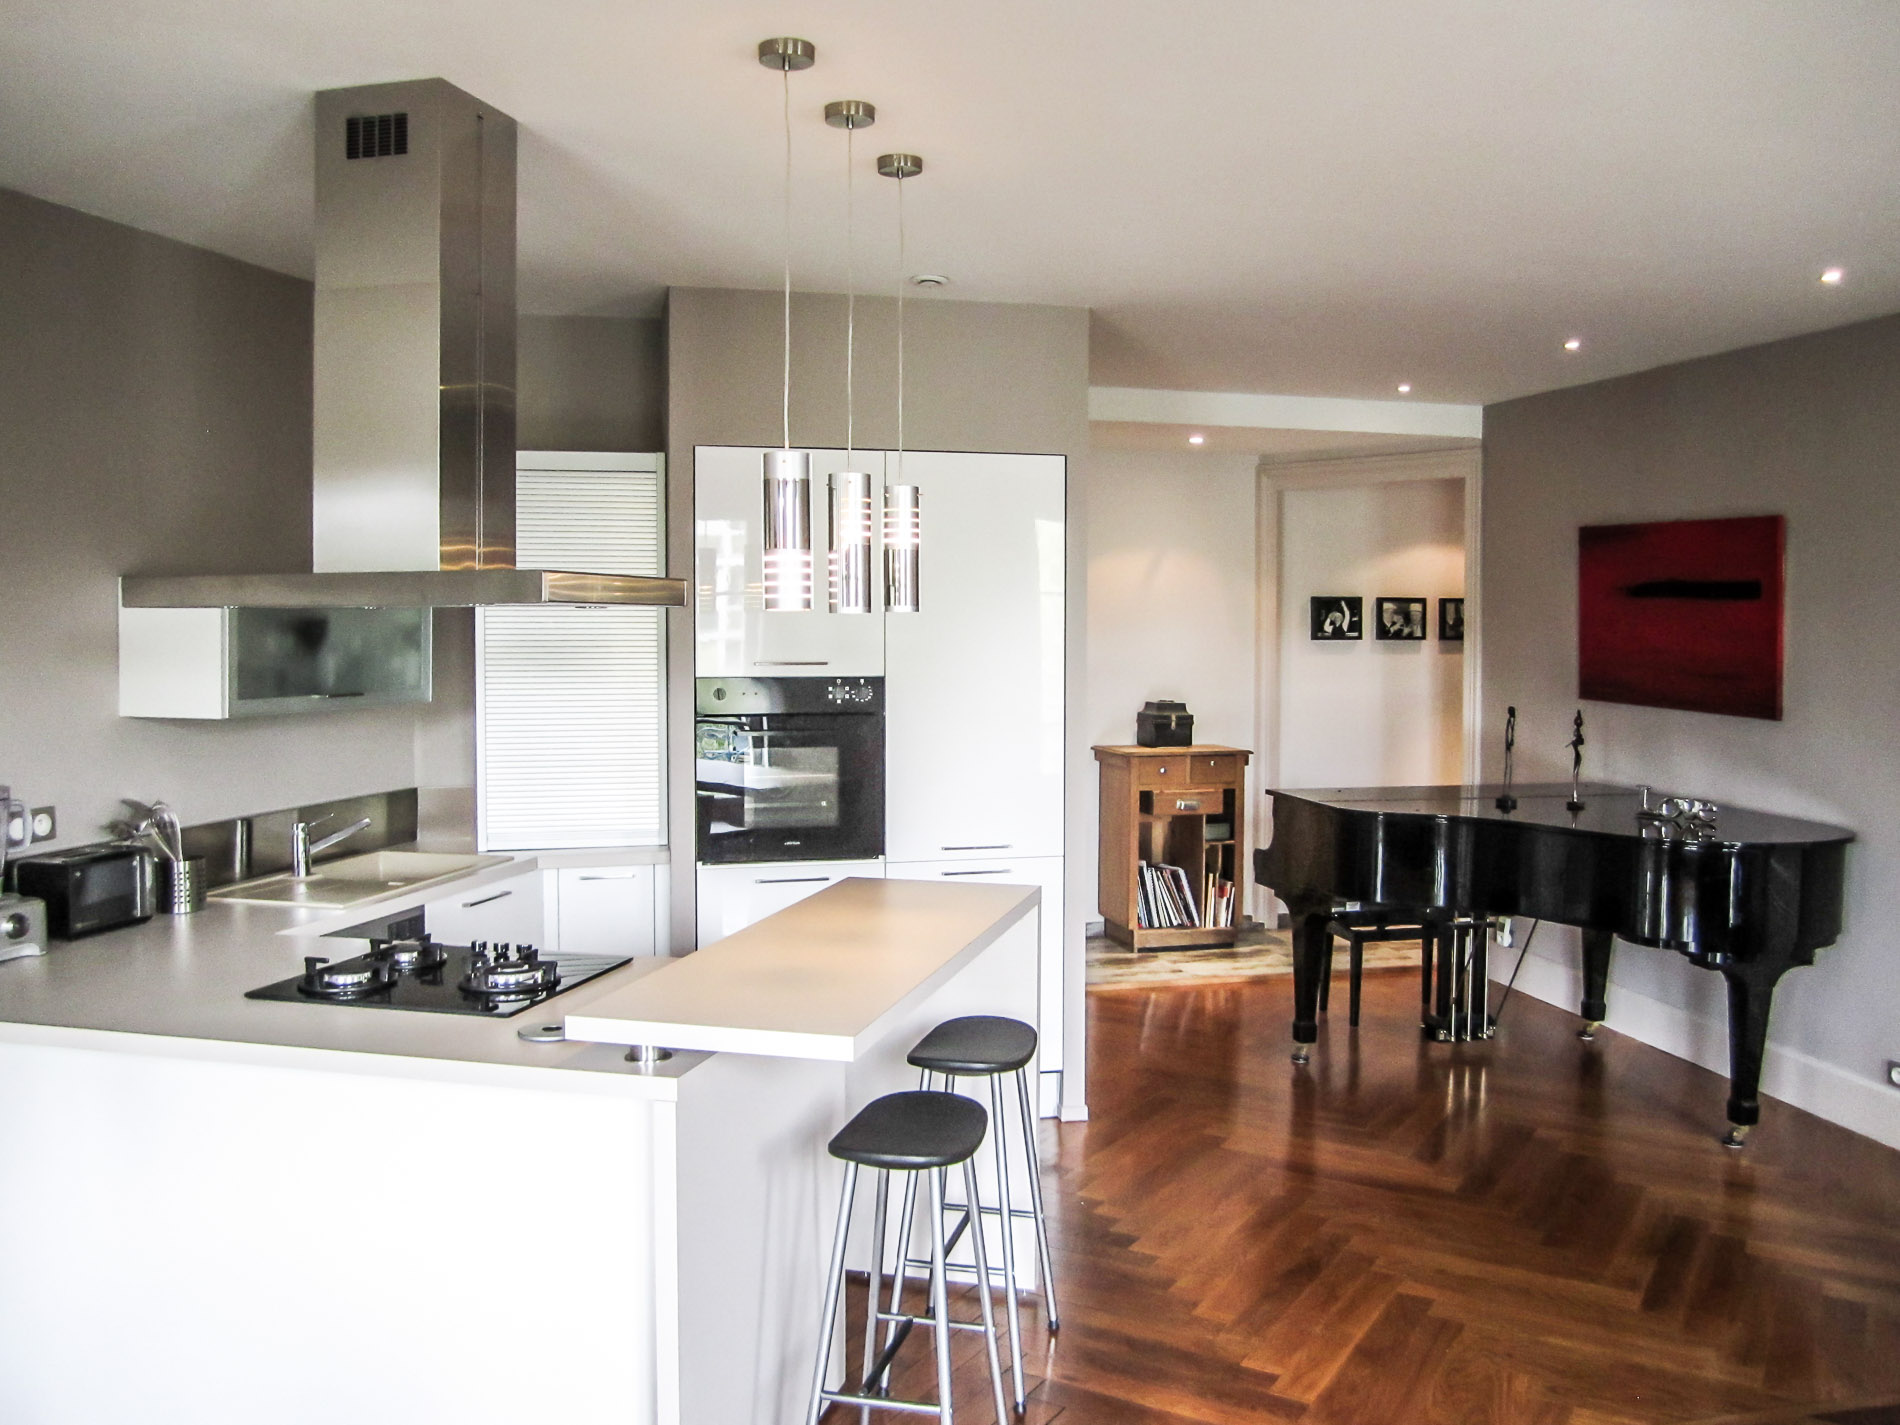 cuisine moderne ancien elegant beau cuisine melange. Black Bedroom Furniture Sets. Home Design Ideas